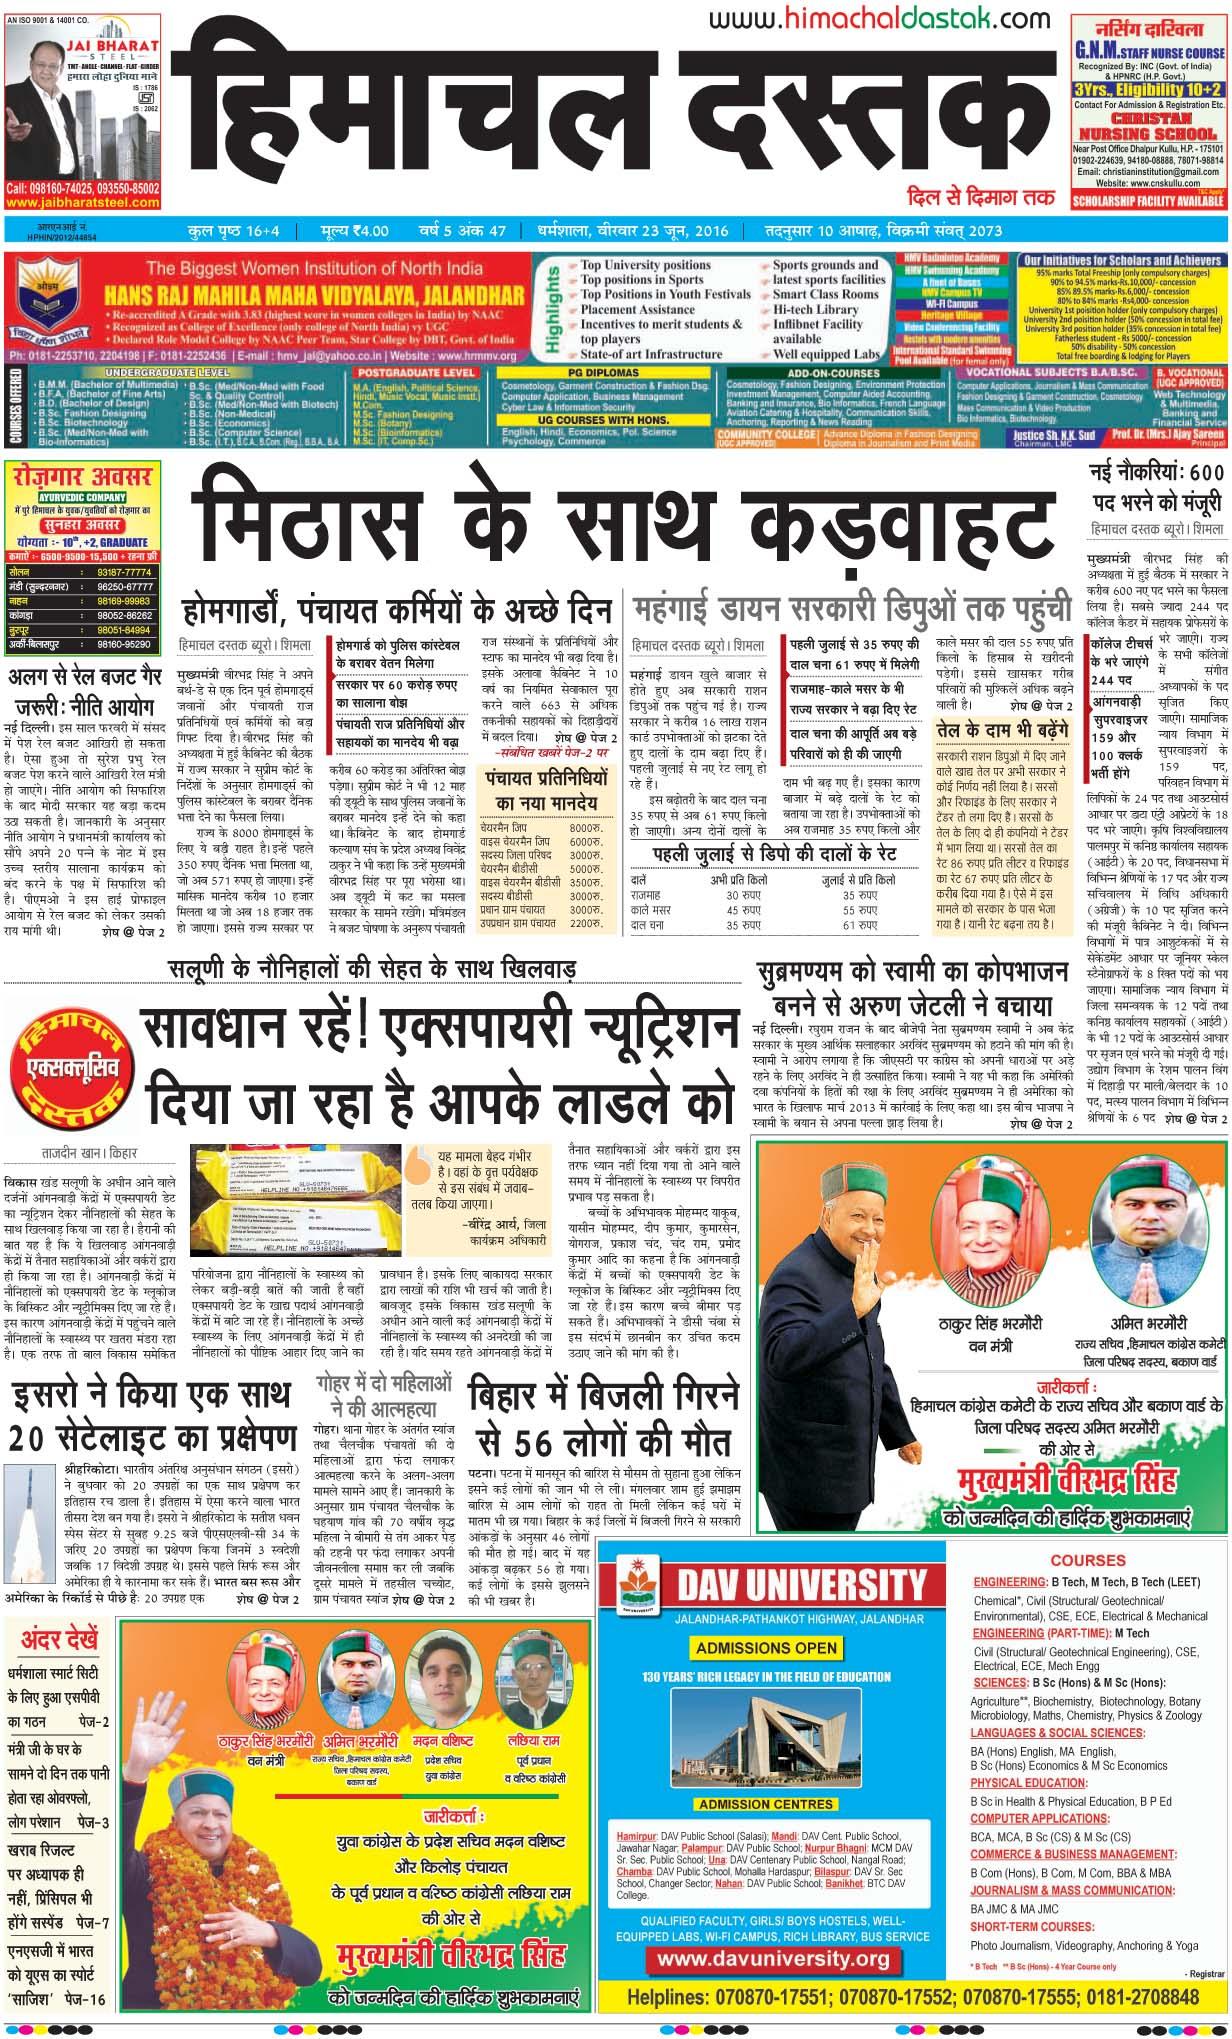 Himachal Dastak Newspaper Advertising